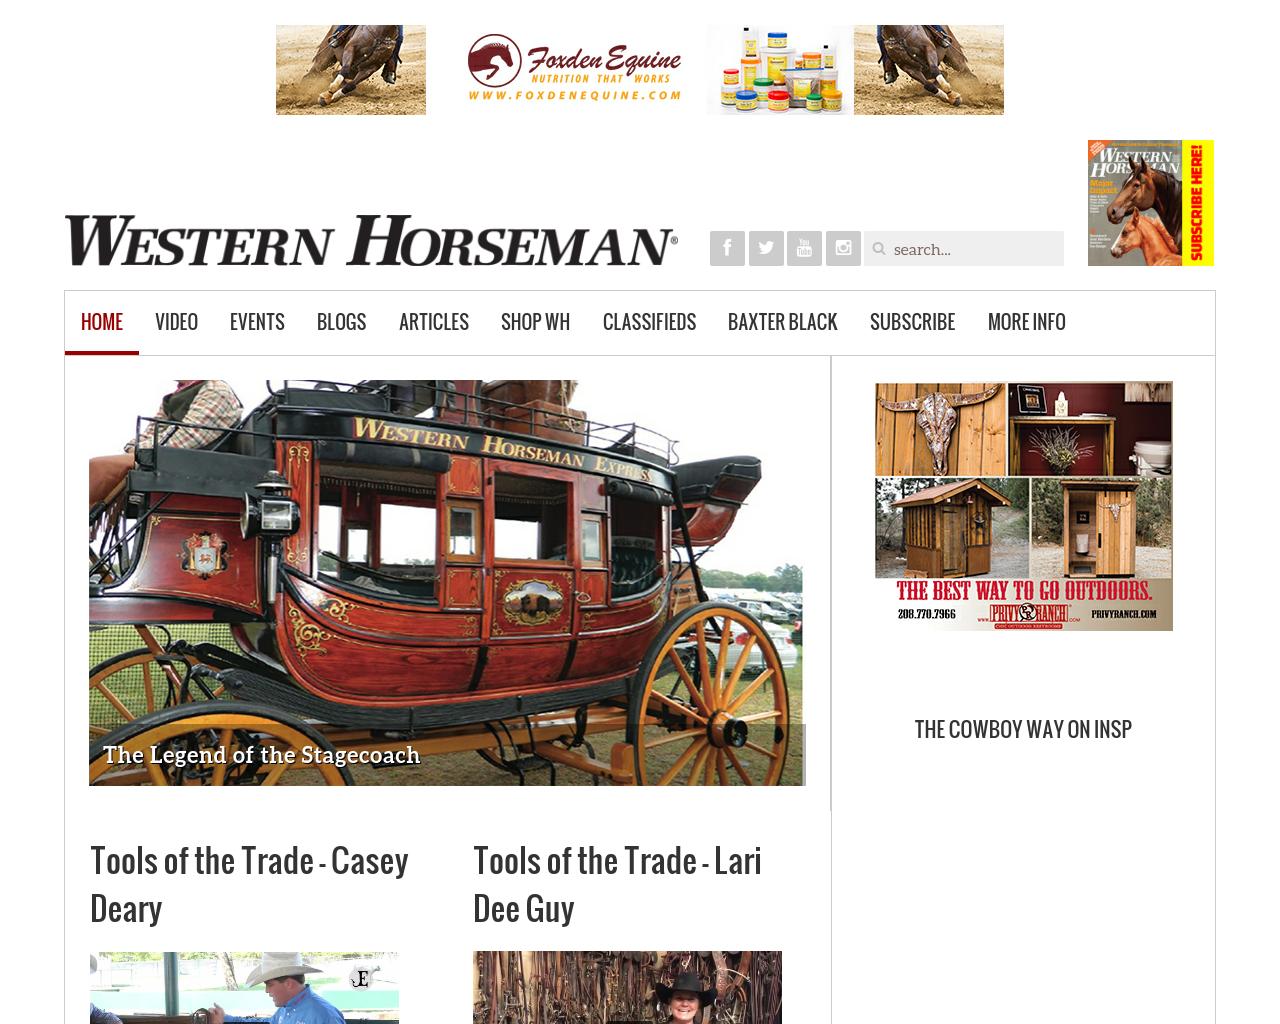 Western-Horseman-Advertising-Reviews-Pricing